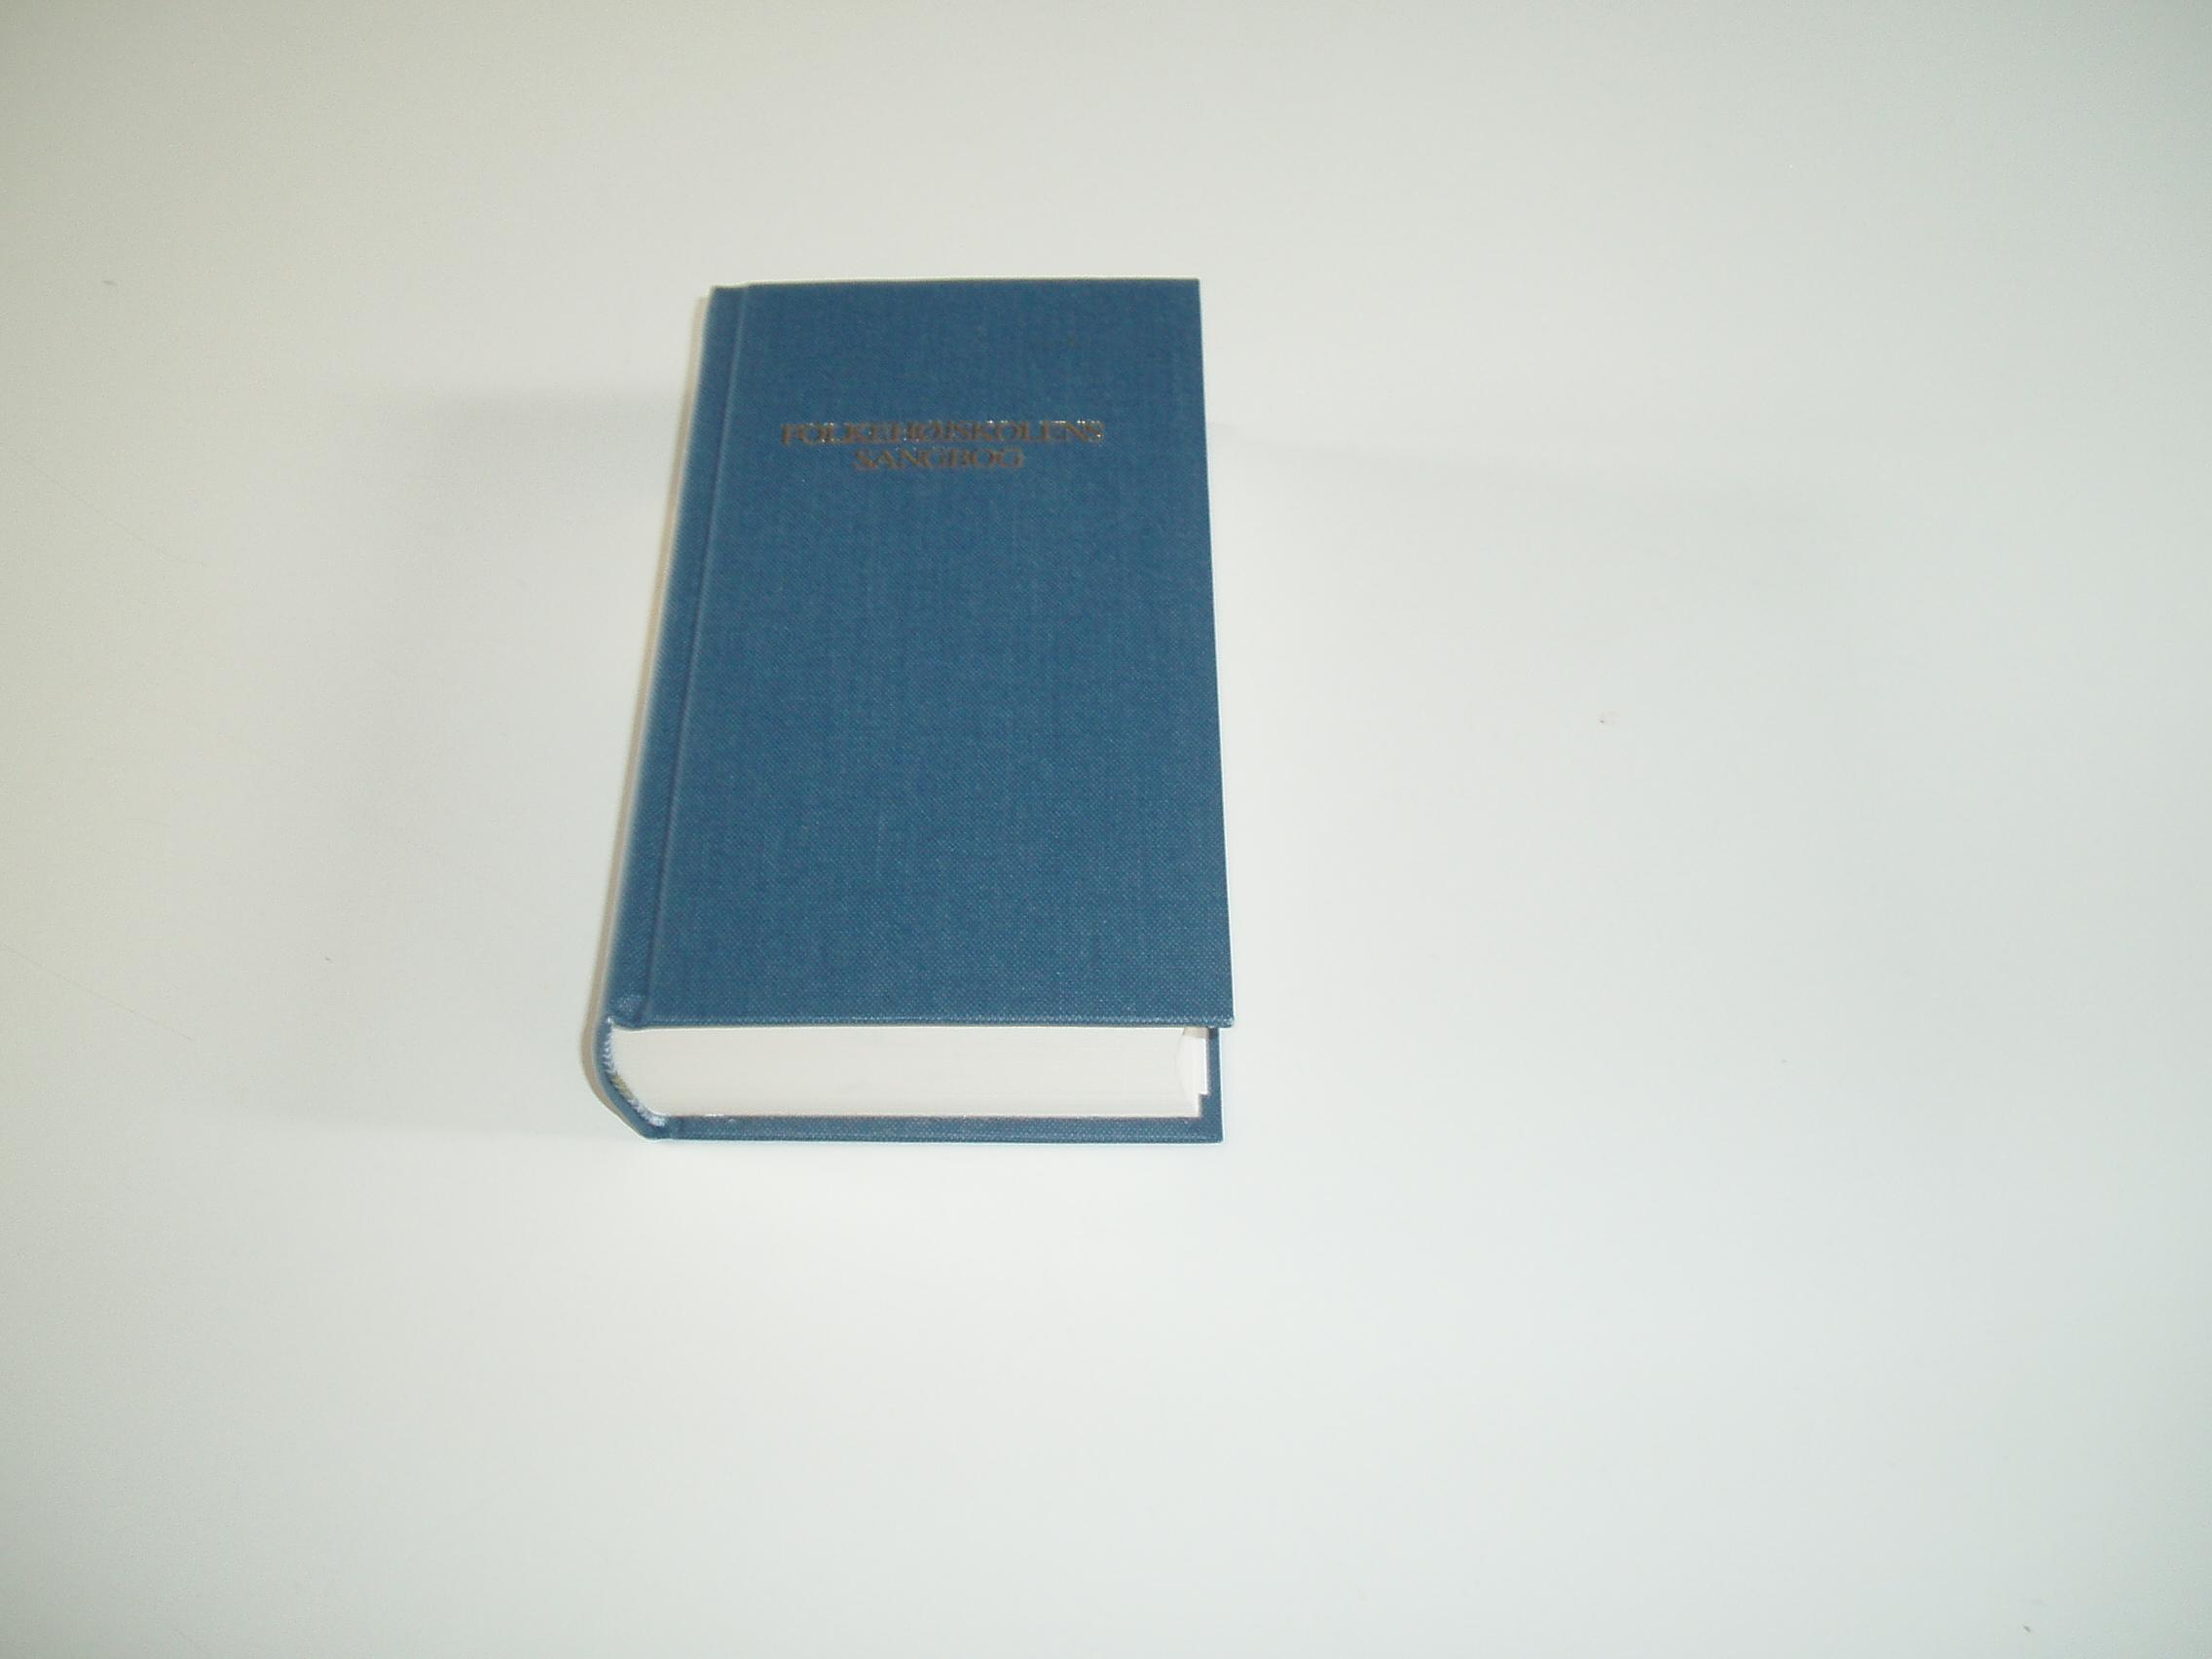 Folkehøjskolens Sangbog. 17. udgave, 18. oplag